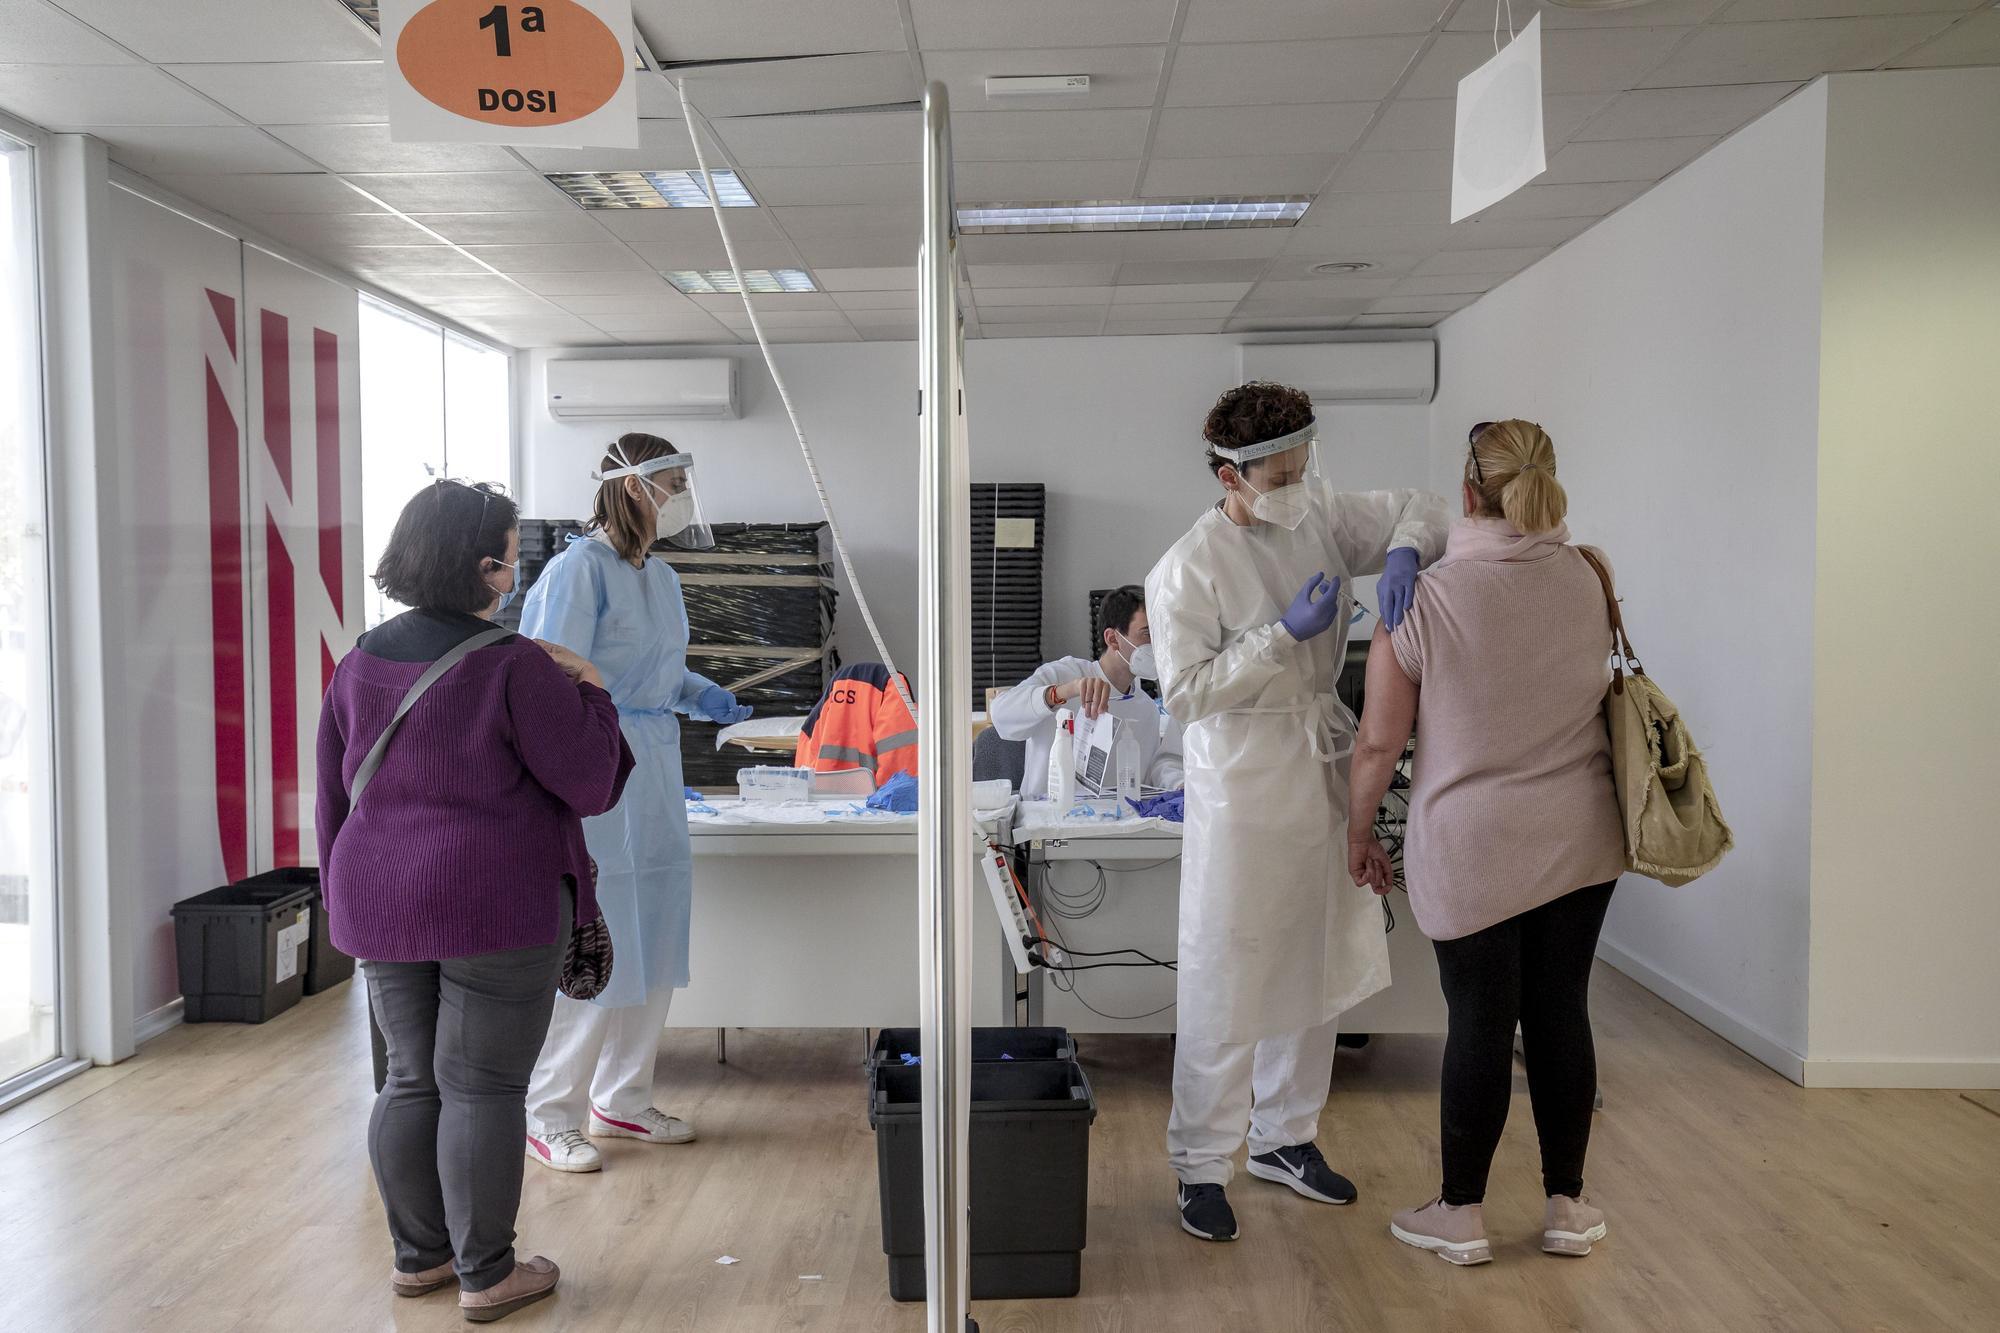 Las 10 nuevas líneas de Son Dureta permitirán vacunar a 3.500 personas cada día